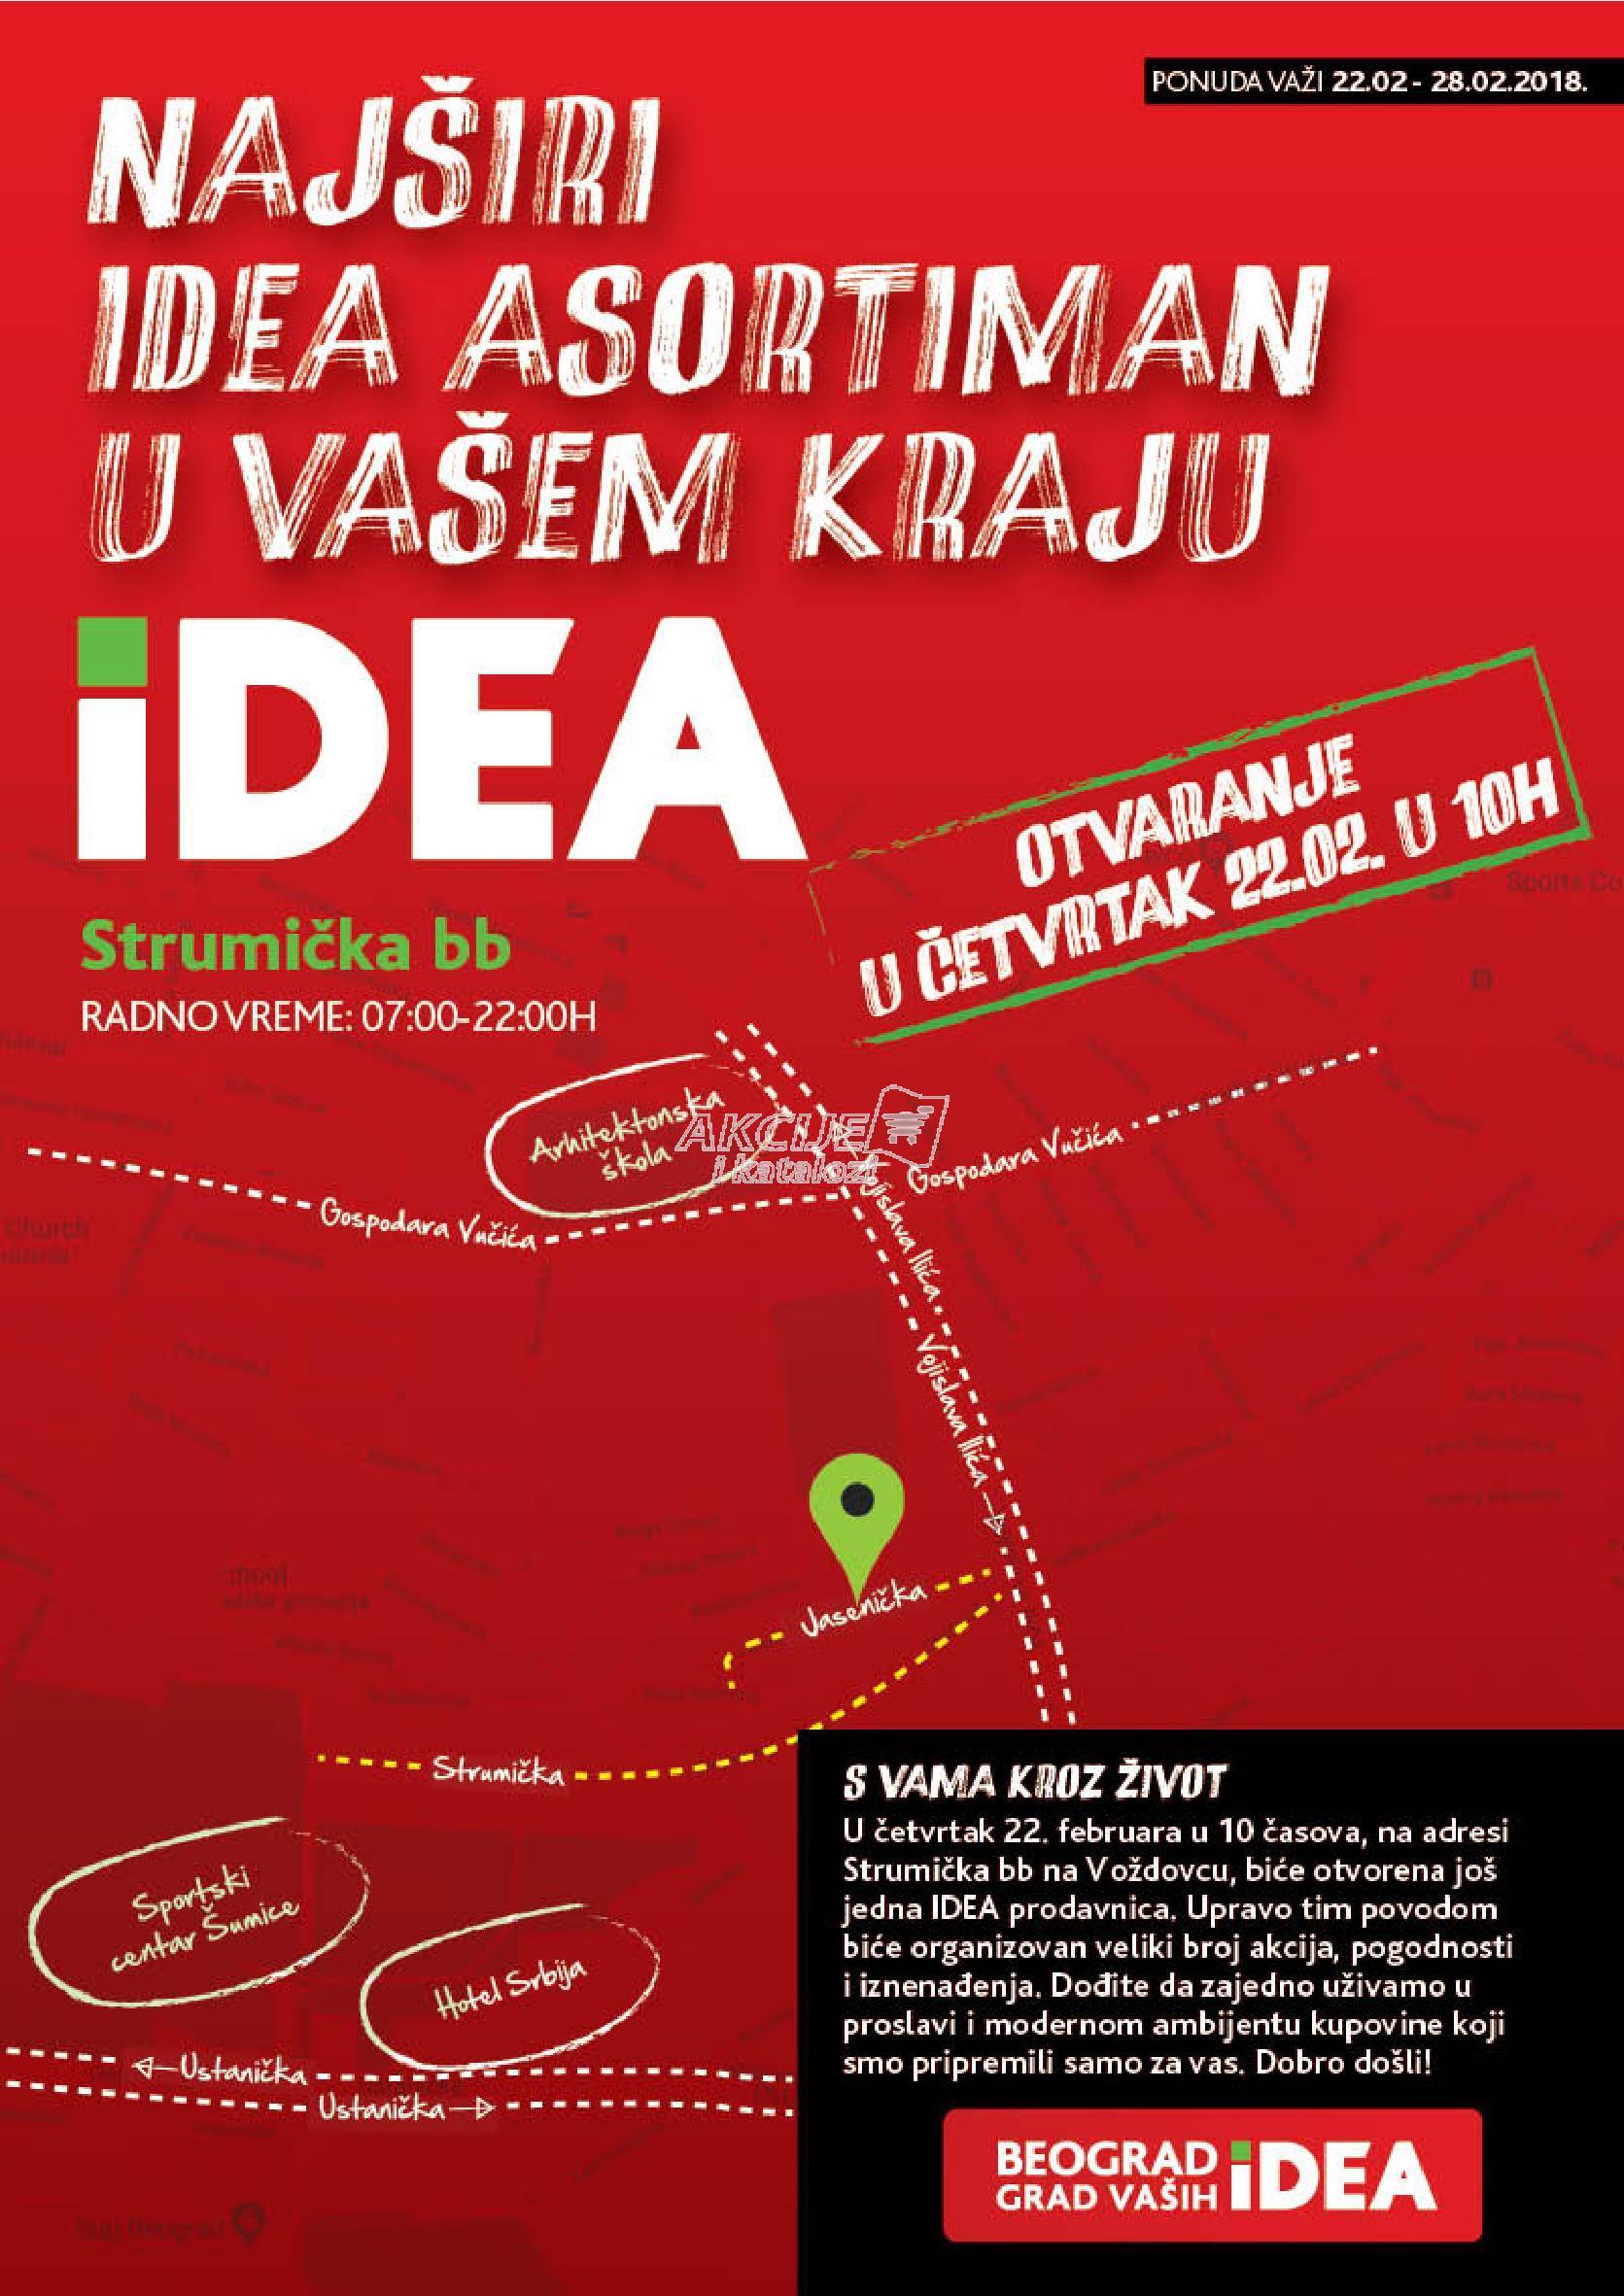 Idea - Redovna akcija povodom otvaranja